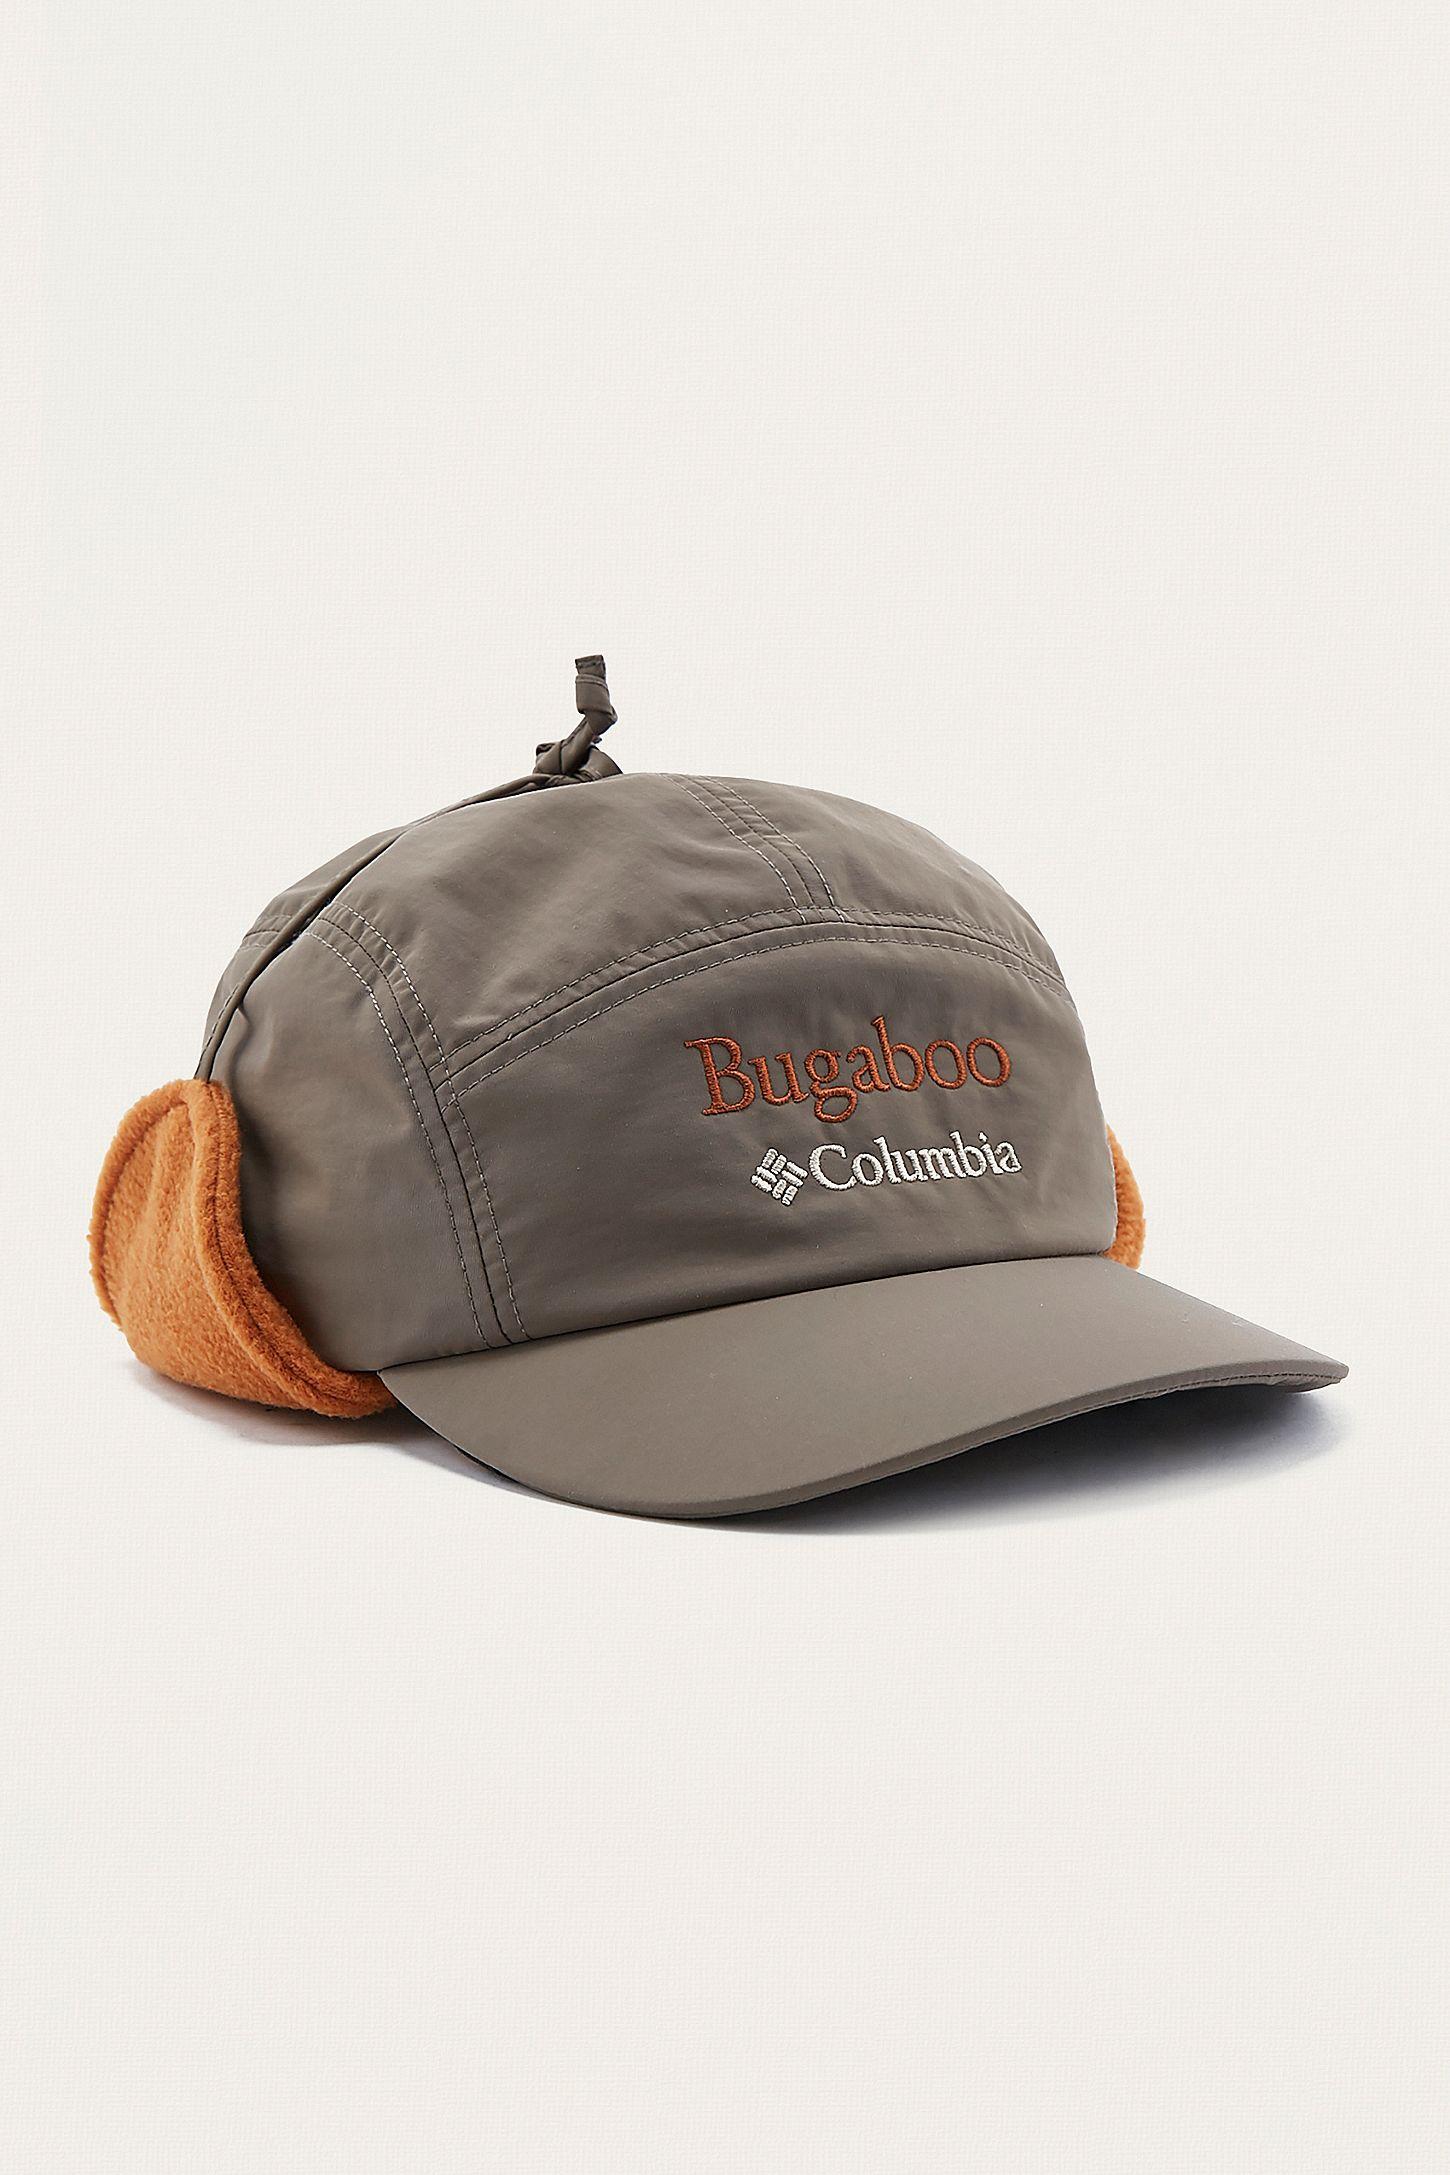 Columbia Bugaboo Copper Cap  53d7187c9e5